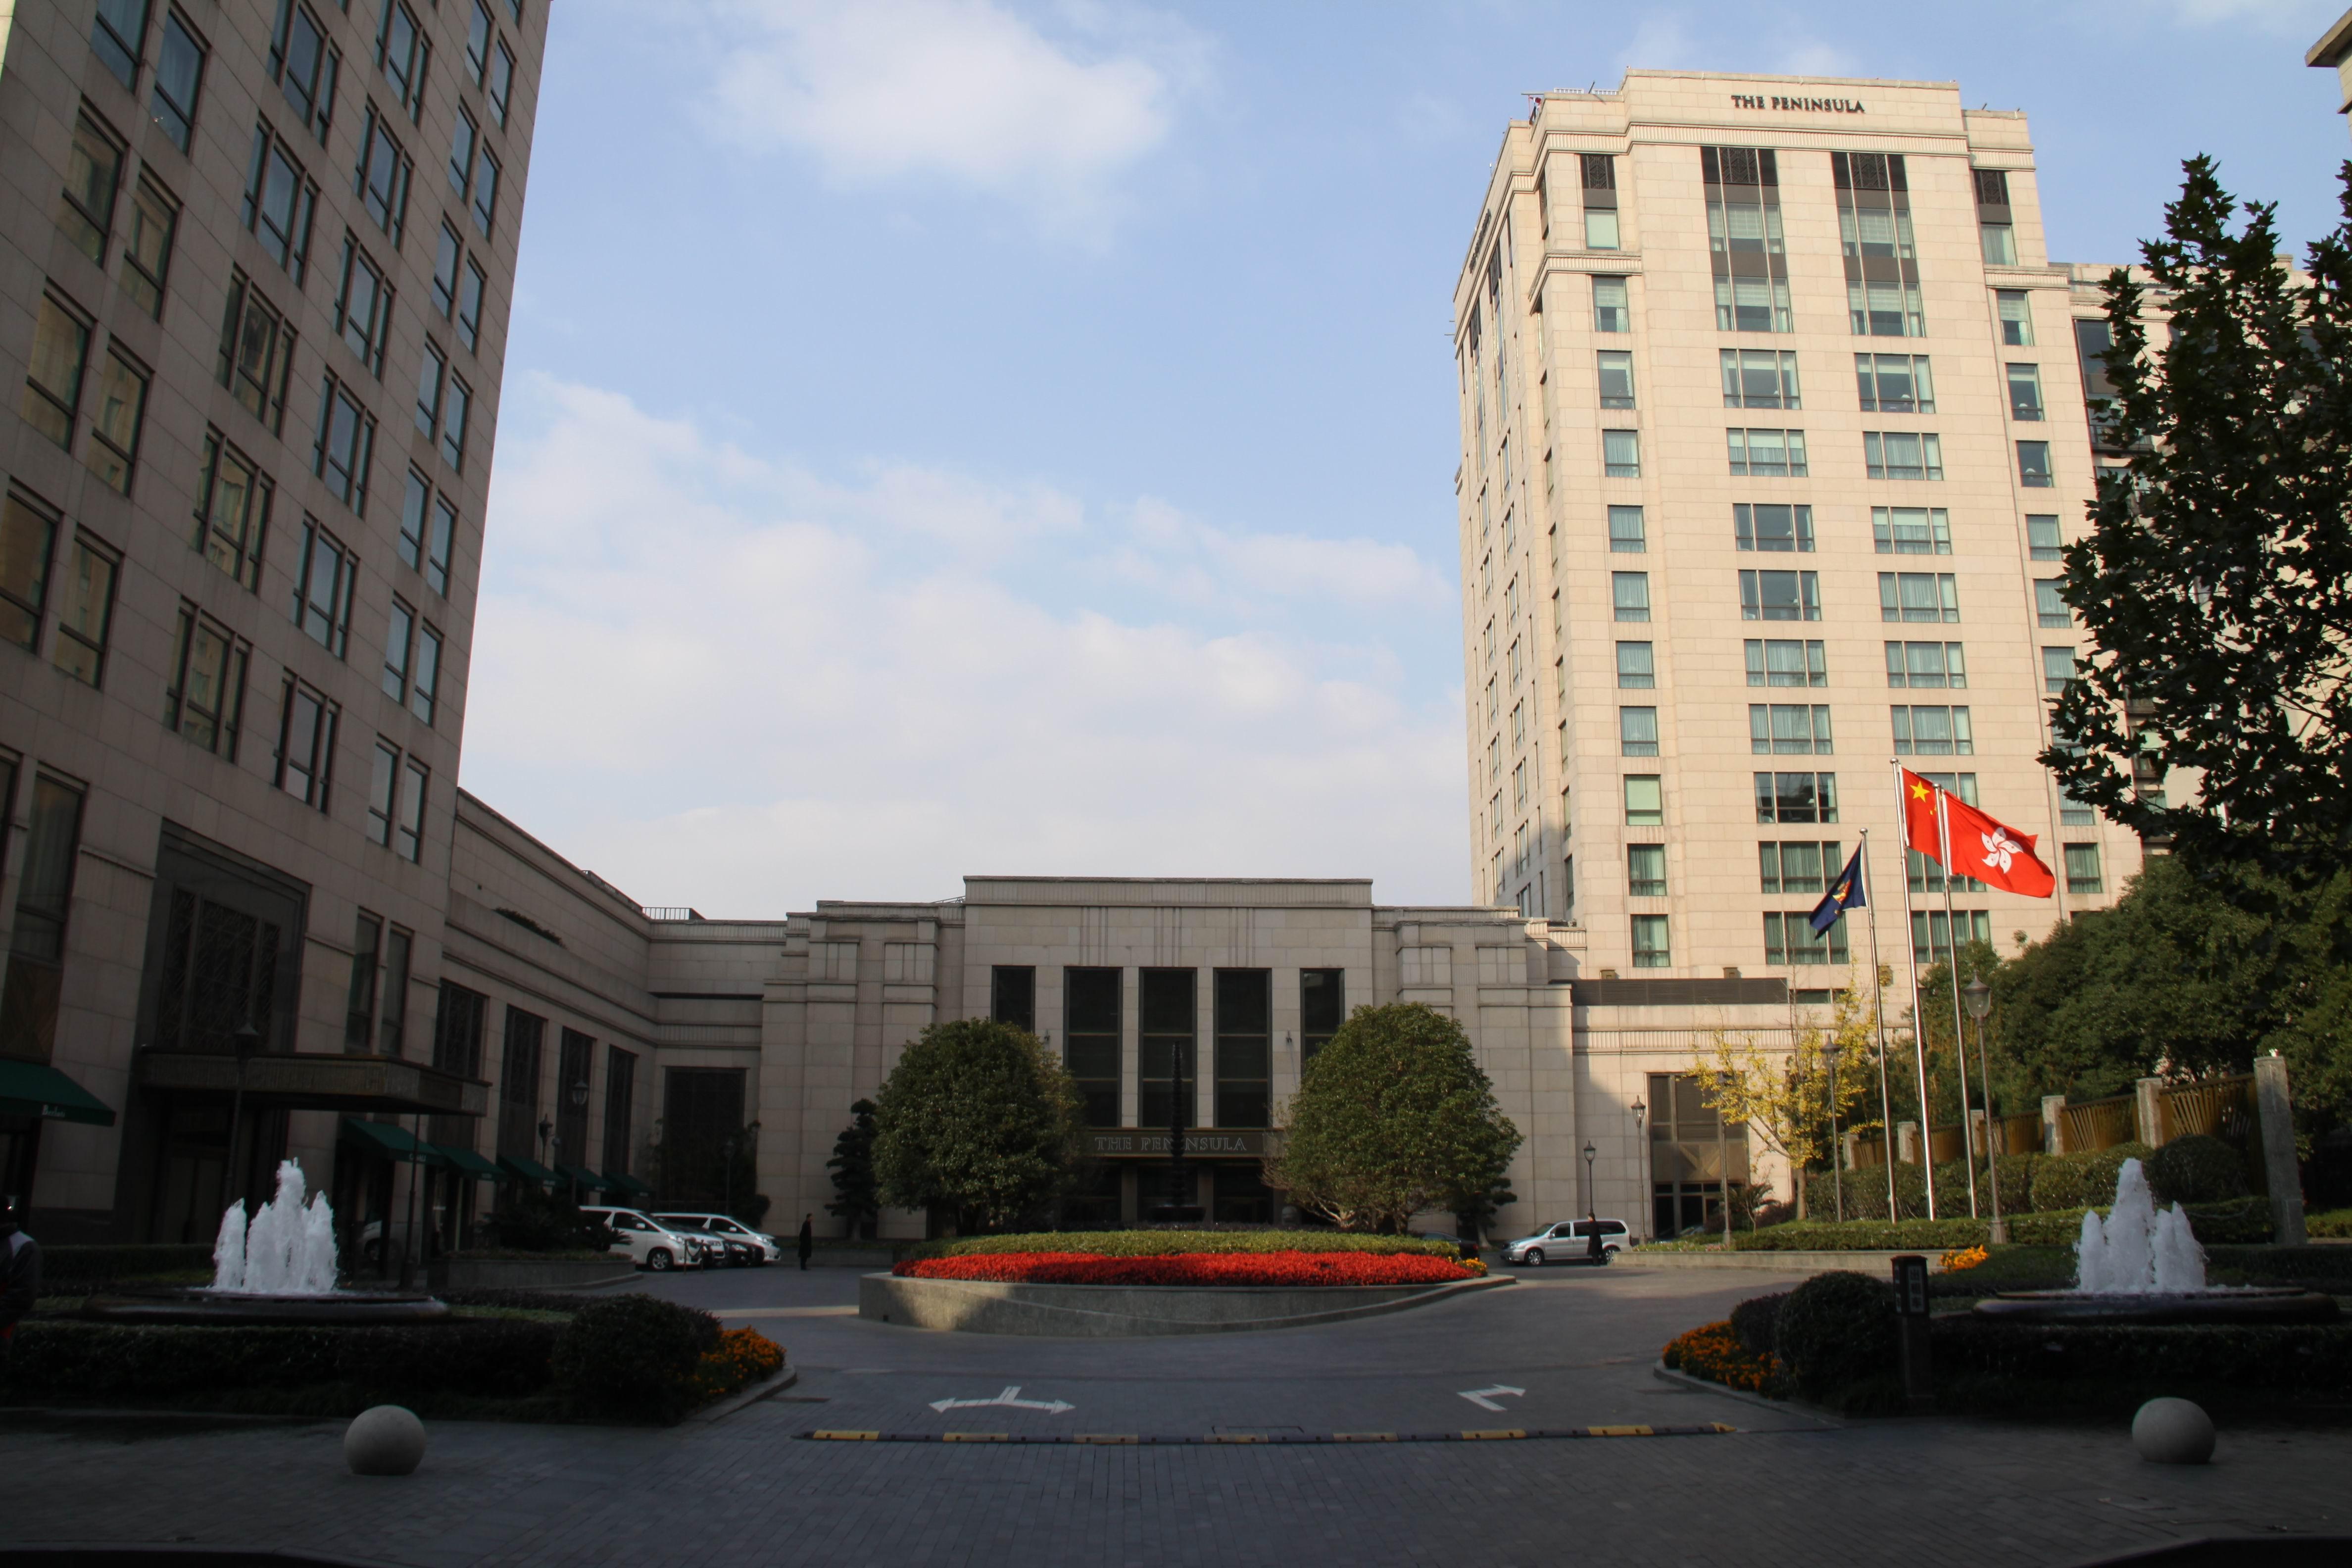 值得一提的是,此次颁奖晚宴上还将首发宝马新书《2011中国最佳设计酒店》,清新婉约的文字和精致别雅的图片相结合,让人赏心悦目,众人纷纷予以高度的赞赏和褒奖。整场晚宴可谓高朋四座,在不断的掌声和欢笑声中,第三届精品设计酒店论坛画上一个完美的句点。 图片摄影:向峰  位于外滩的半岛酒店大门风貌   获奖感言    著名舞蹈家金星与老公共赴颁奖盛会  一贯幽默诙谐的主持曹启泰也对金星进行调侃  金星也不示弱给与曹启泰回击进行调侃   呵呵,把话题转向老外也进行调侃  宝马公司老总向获奖者颁奖   现代舞蹈激情表